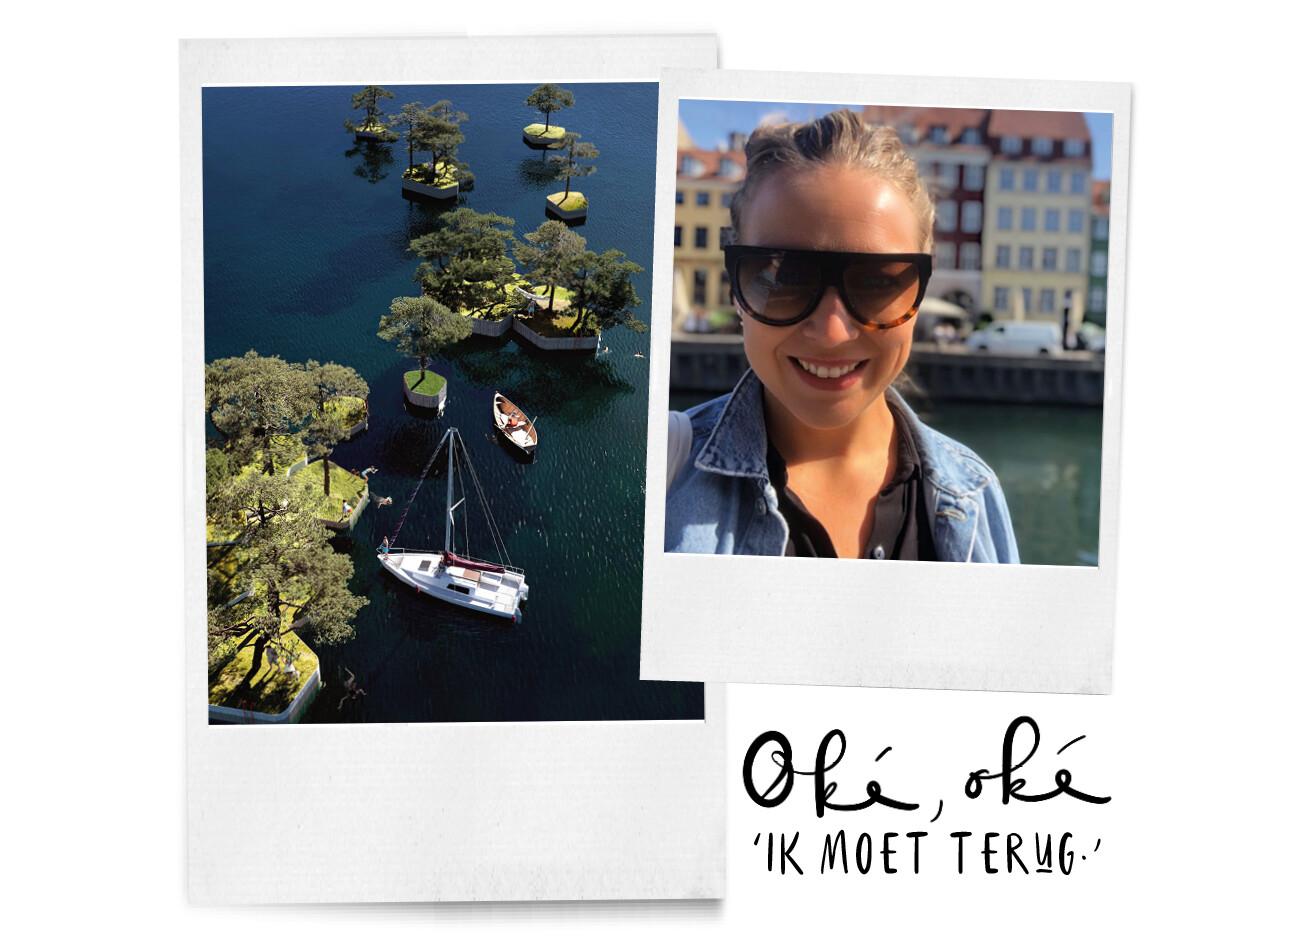 Kopenhagen islands en Adeline Mans in Copenhagen